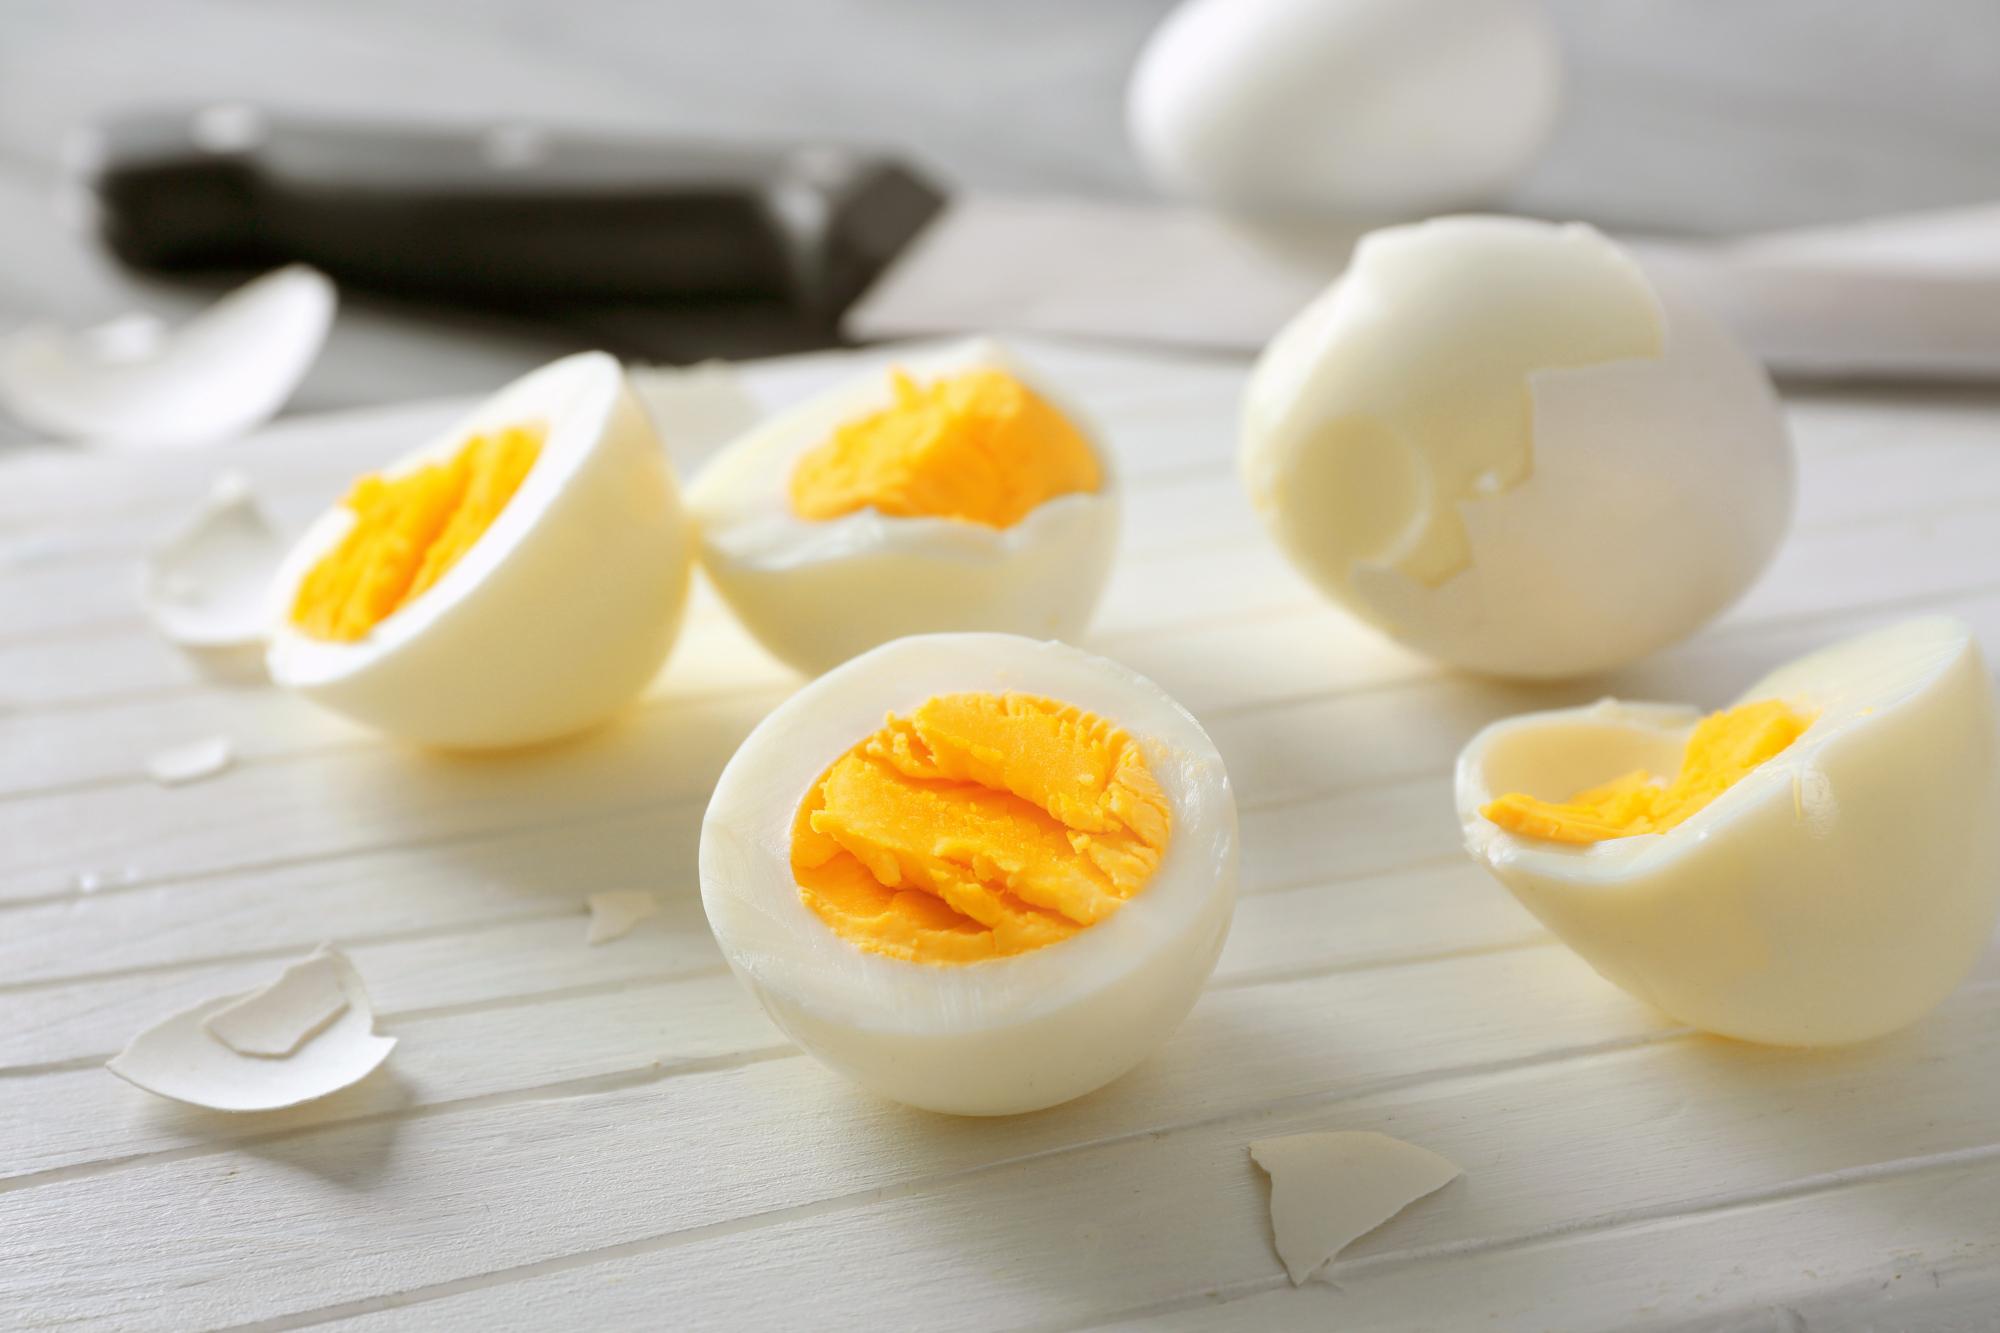 煮鸡蛋时,用上2个小妙招,蛋壳一碰就掉,单手就能剥开,特干净